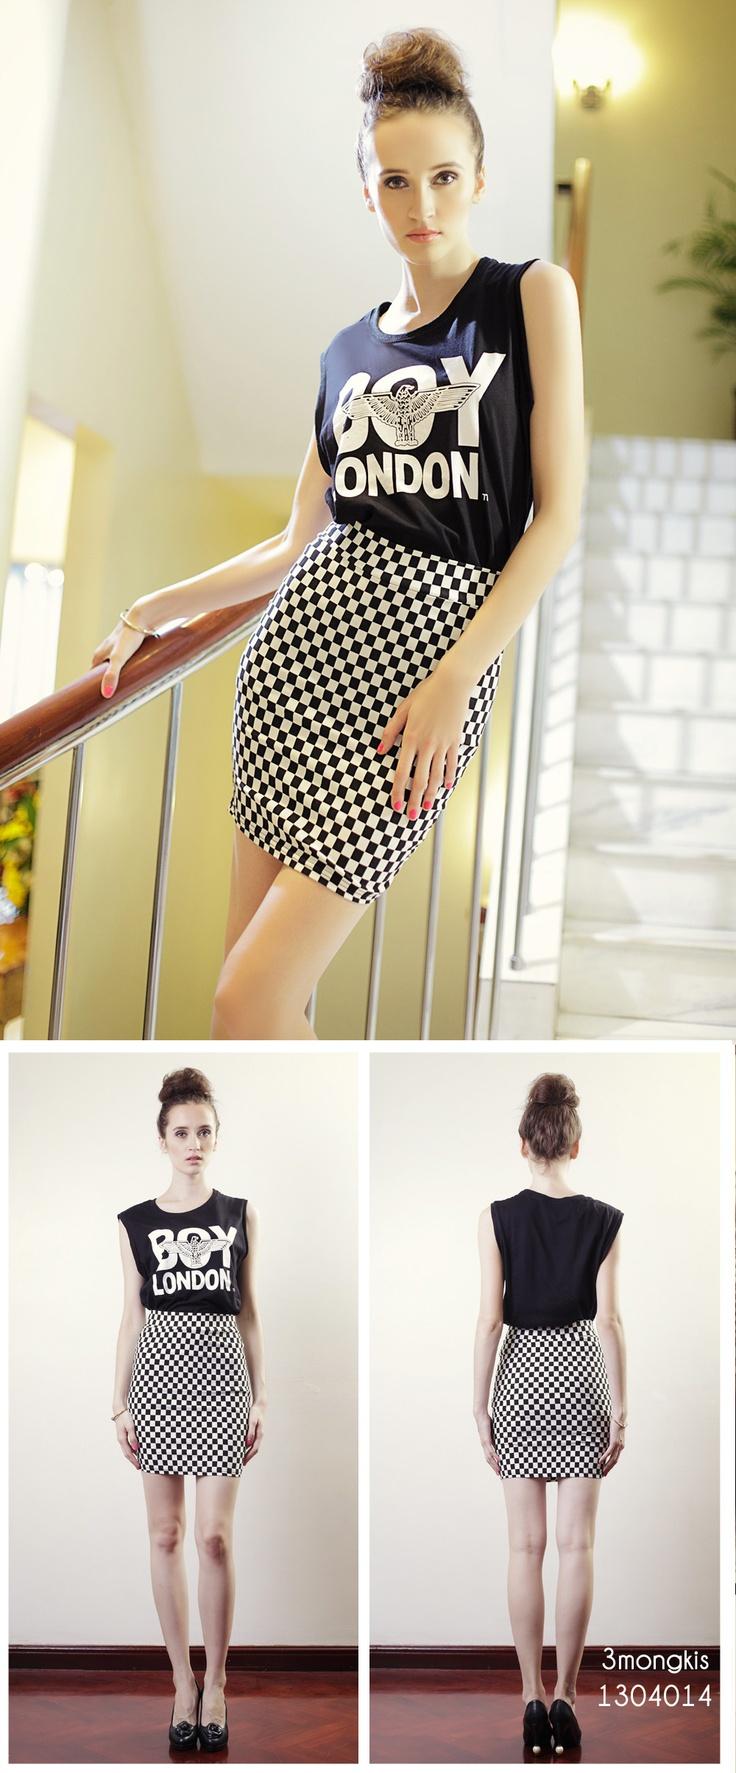 Boy London Sleeveless shirt + Black & White Gingham Tight Skirt